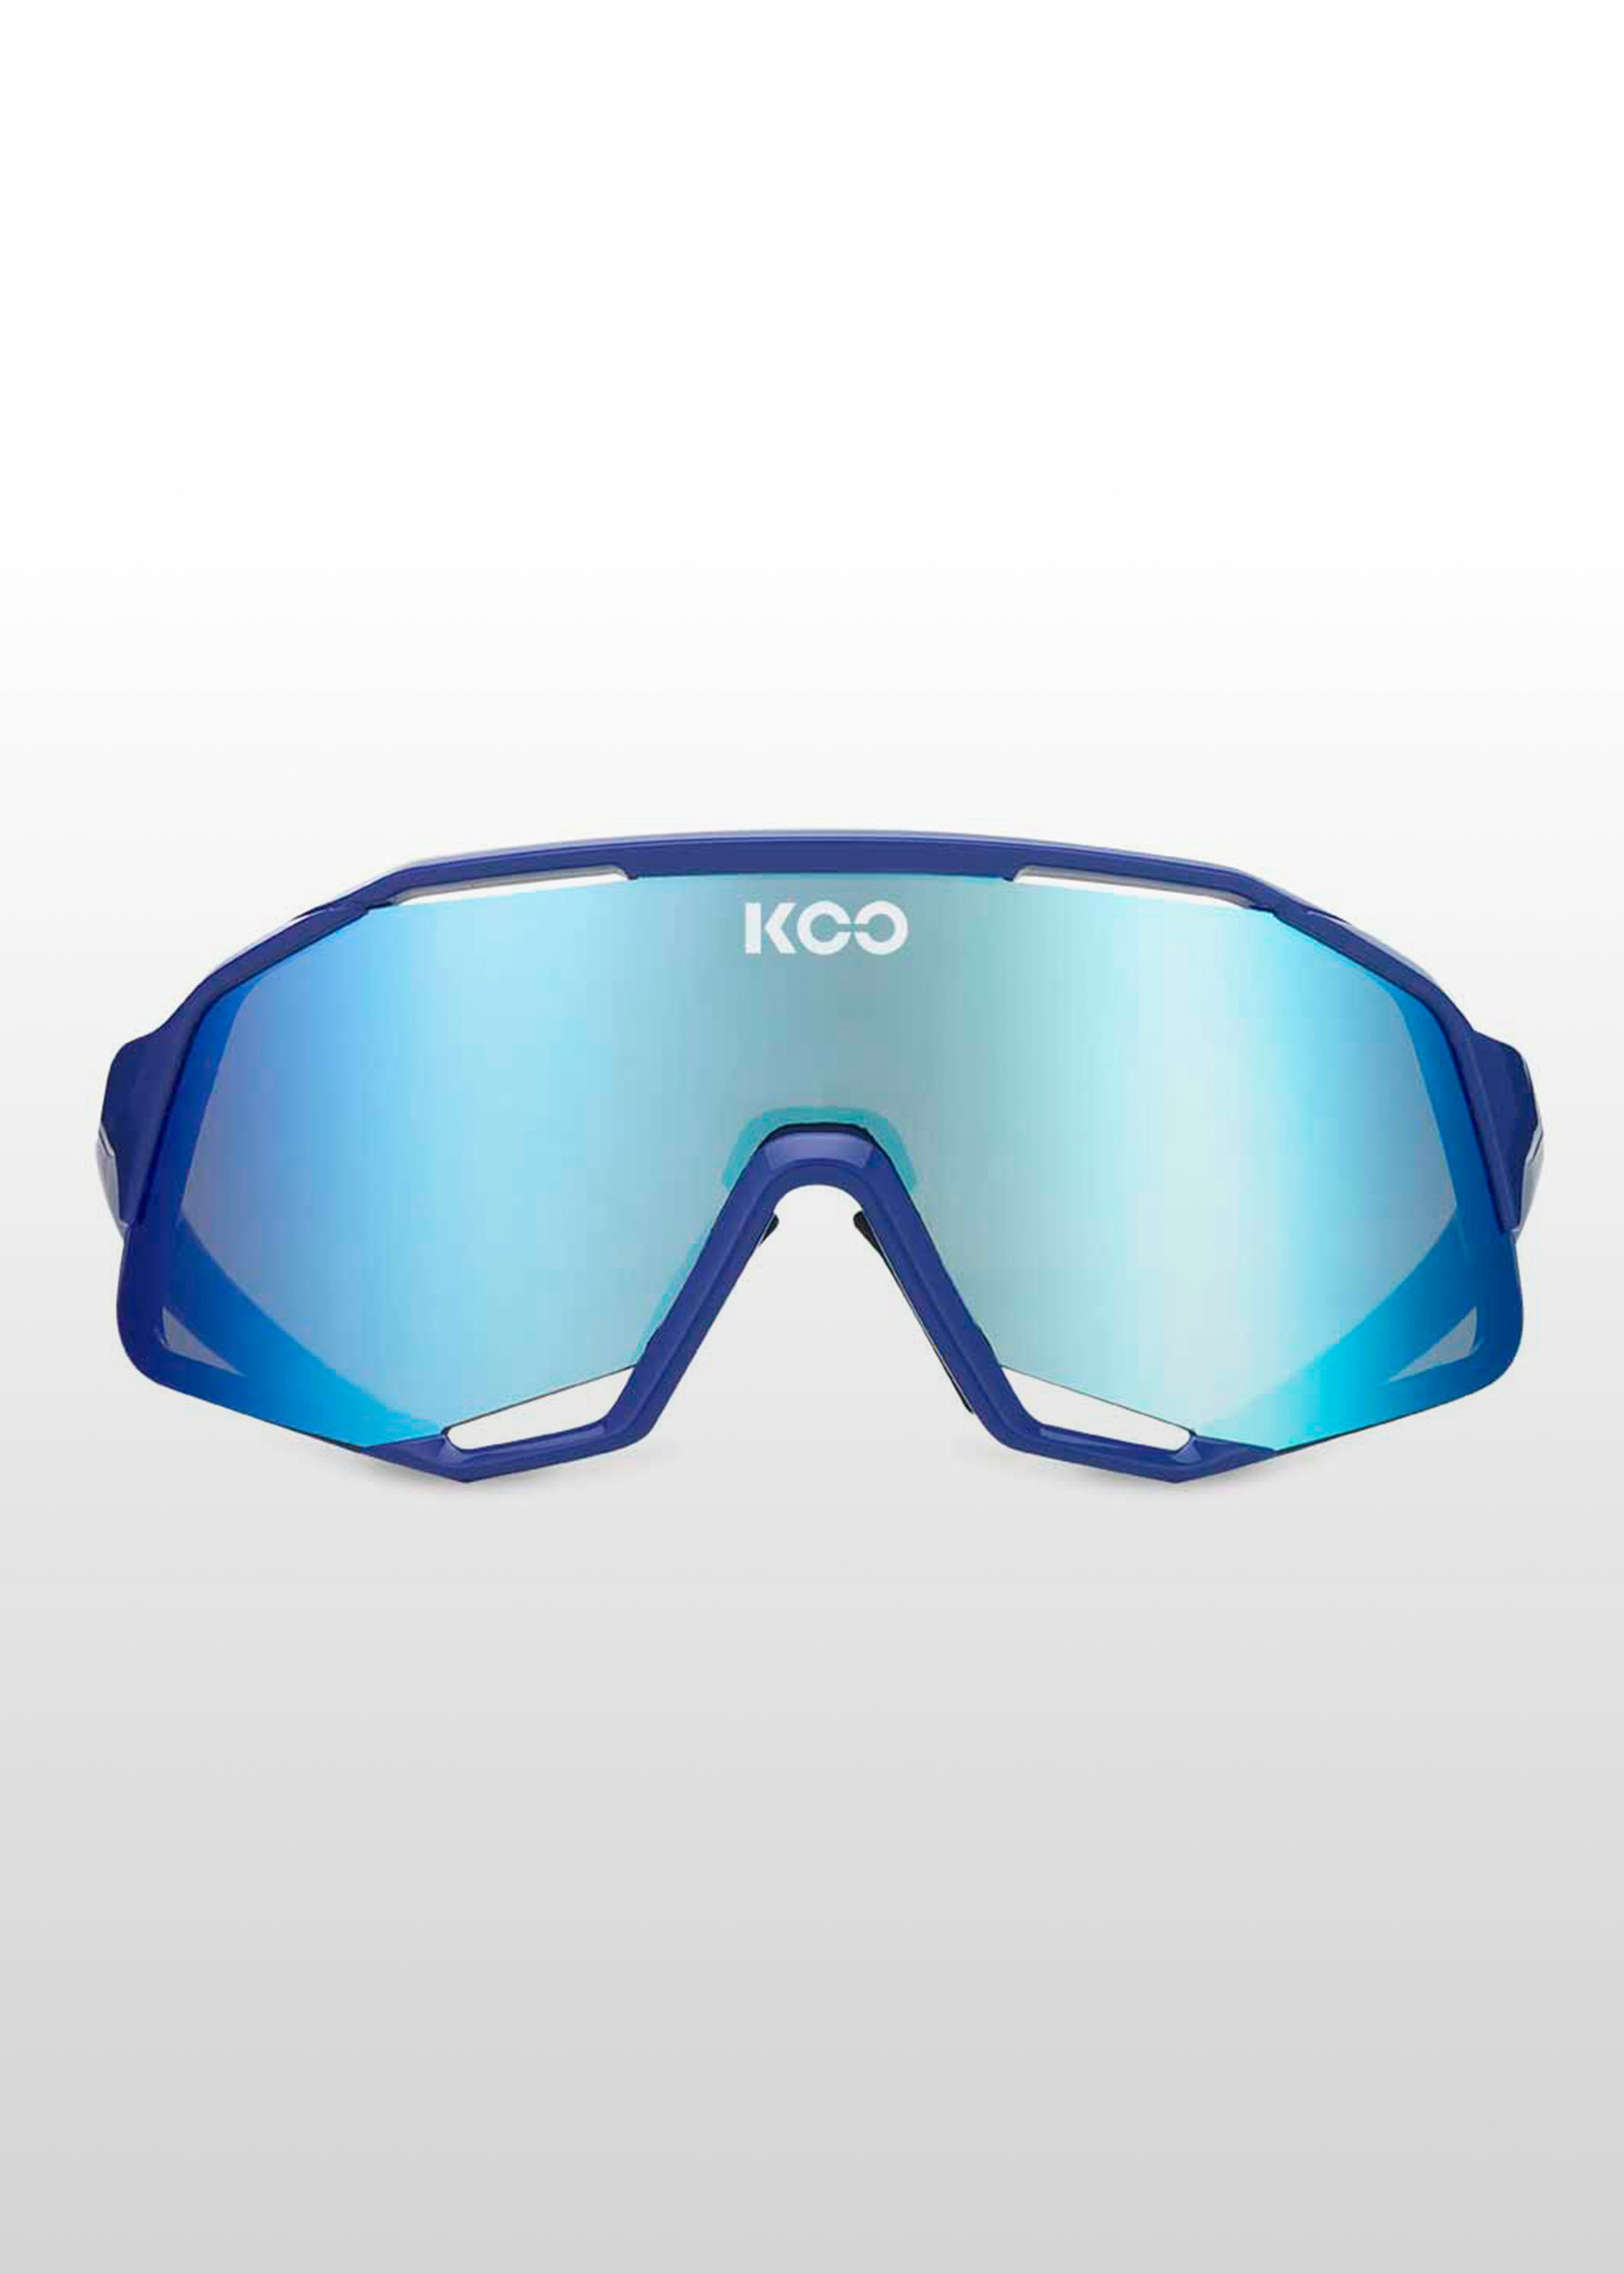 KOO Demos Sunglasses